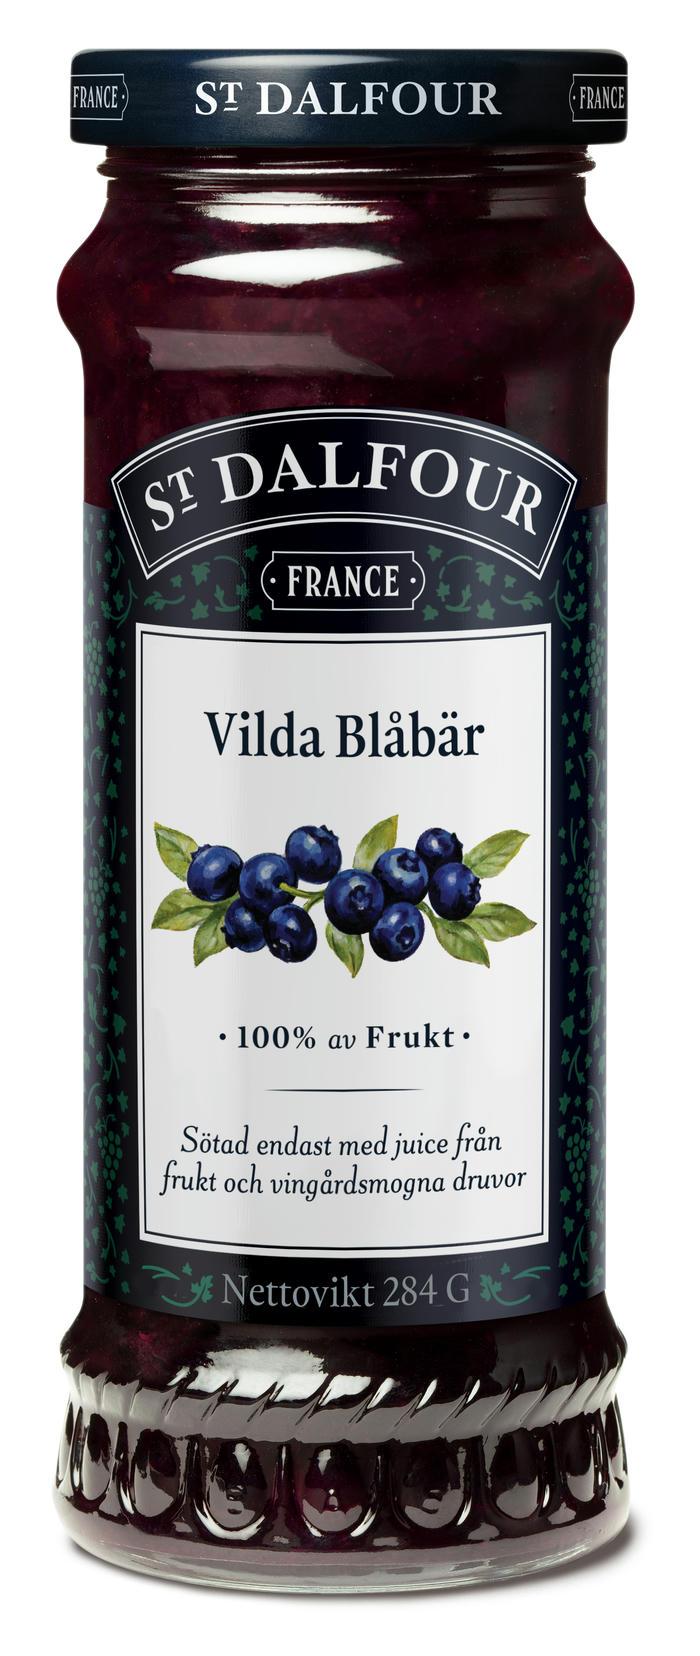 Vilda Blåbär